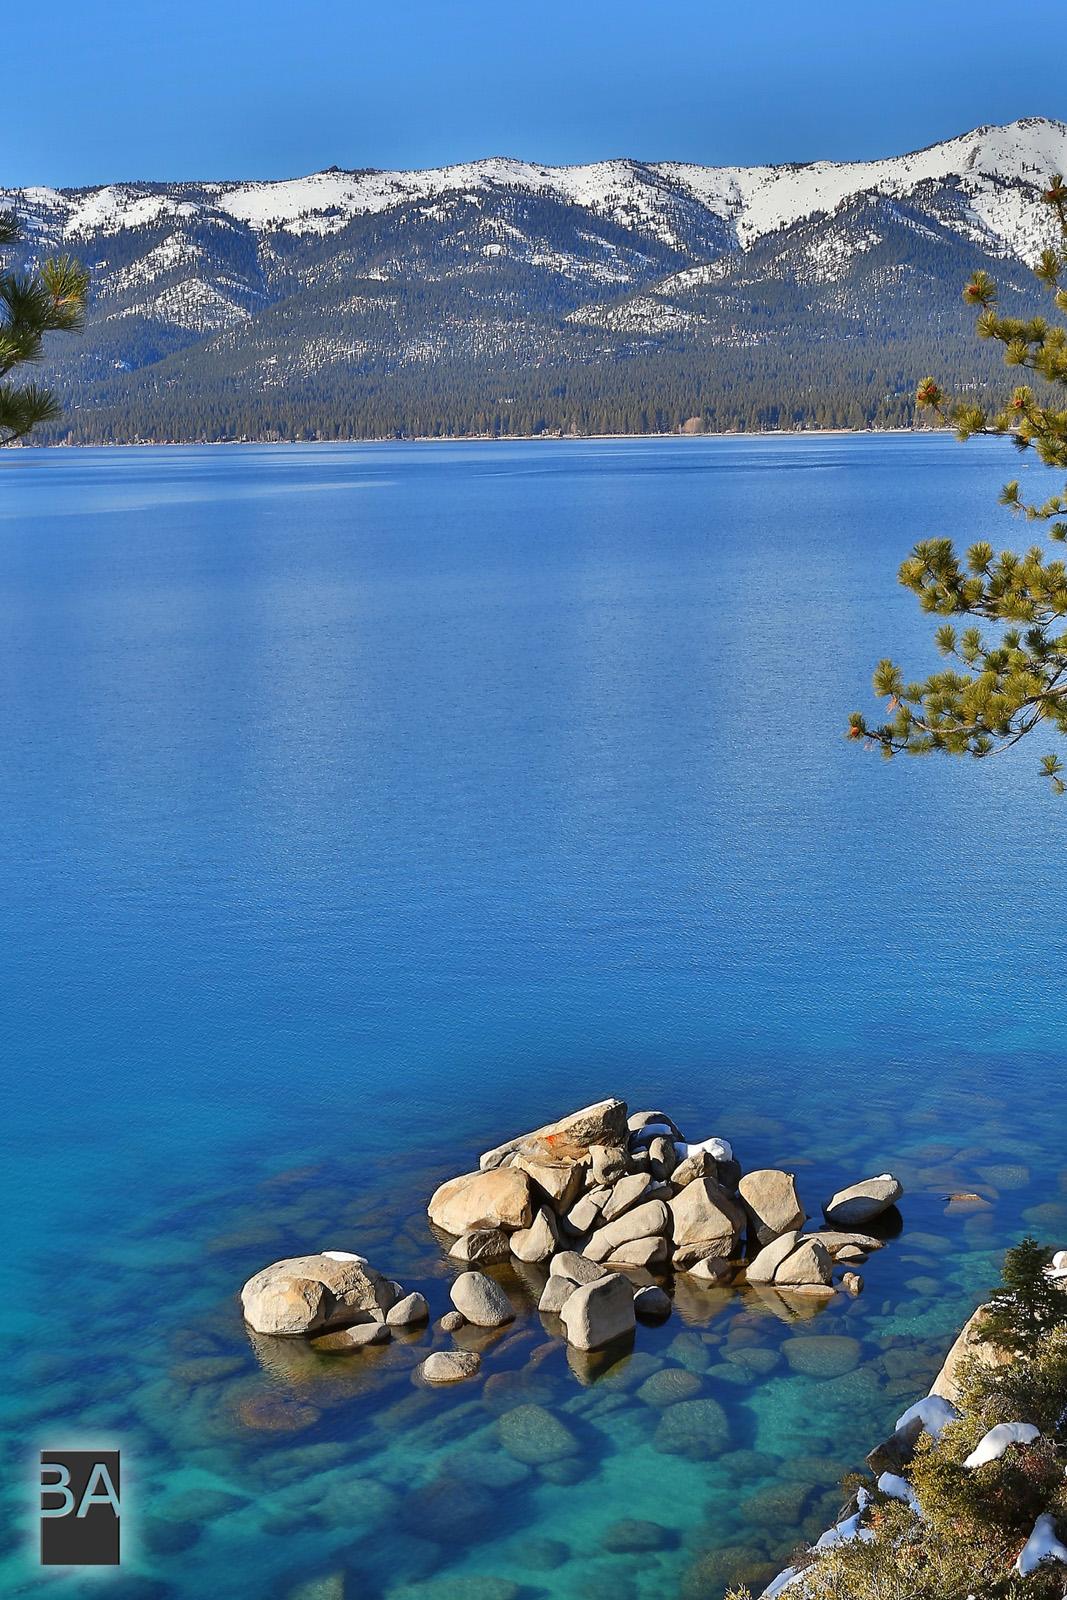 Lake Tahoe Winter Wallpaper Desktop Background: Lake Tahoe Winter Sunset